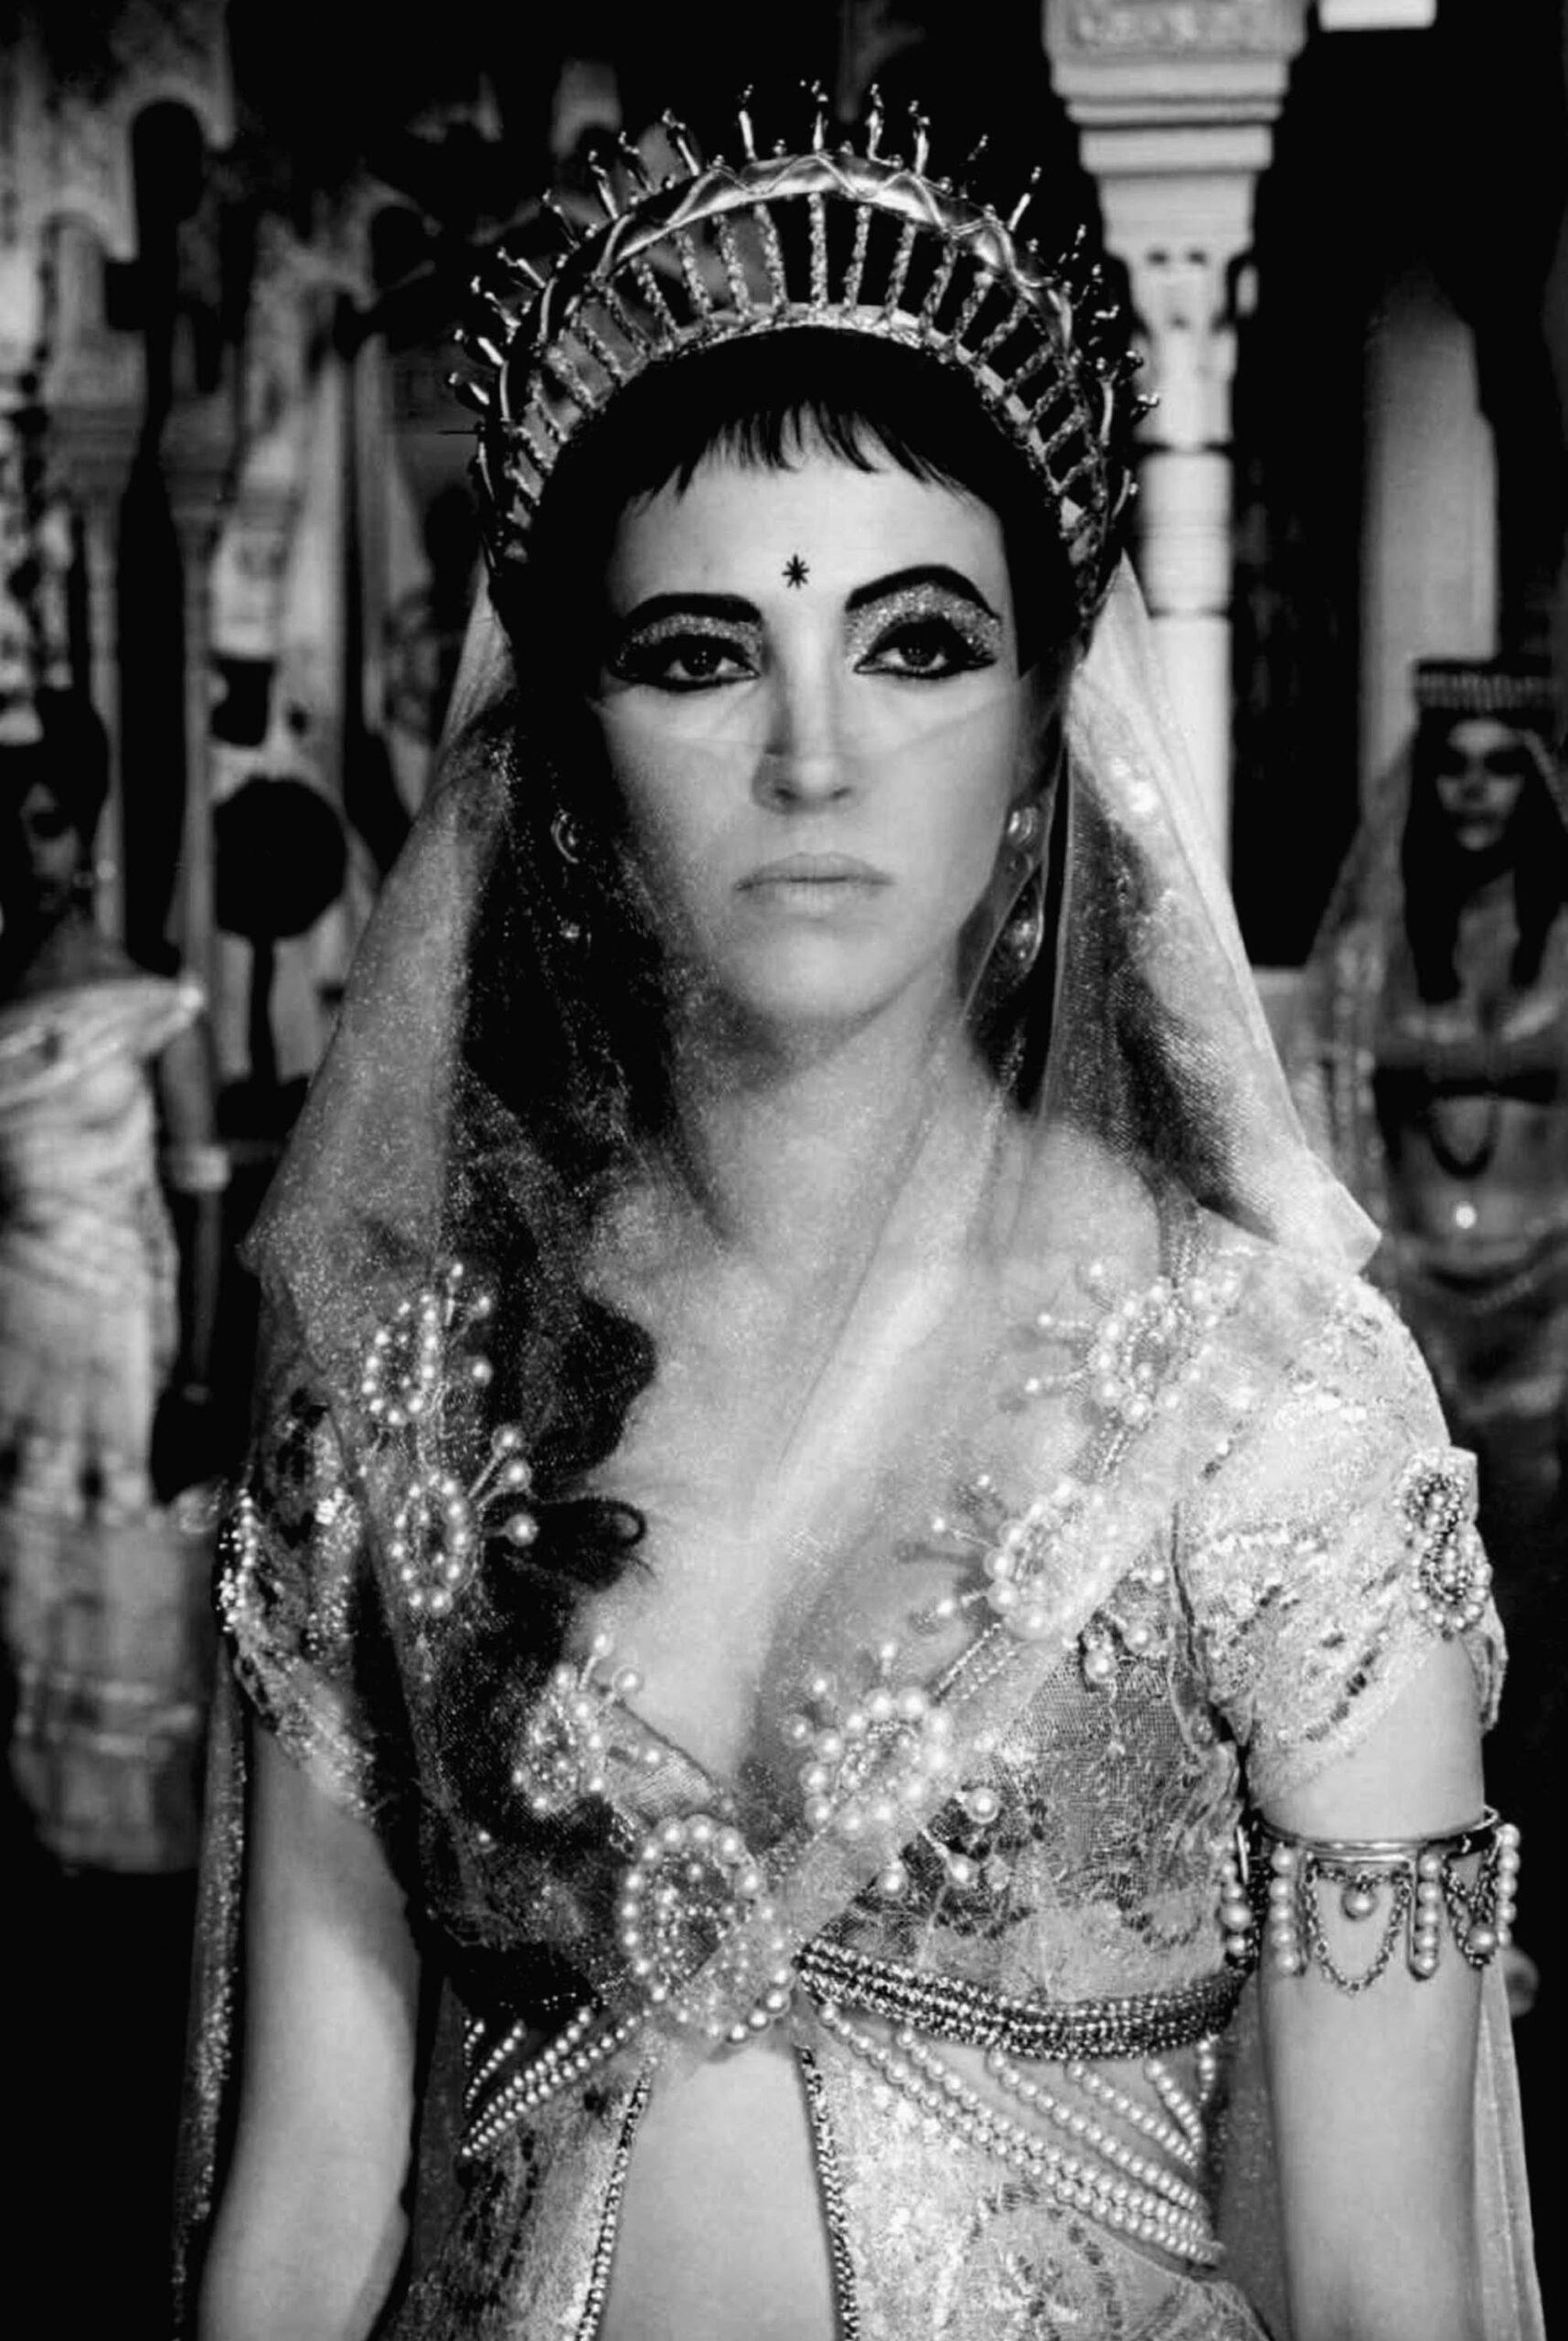 Galería: Anna Karina, musa de la Nouvelle vague en el cine